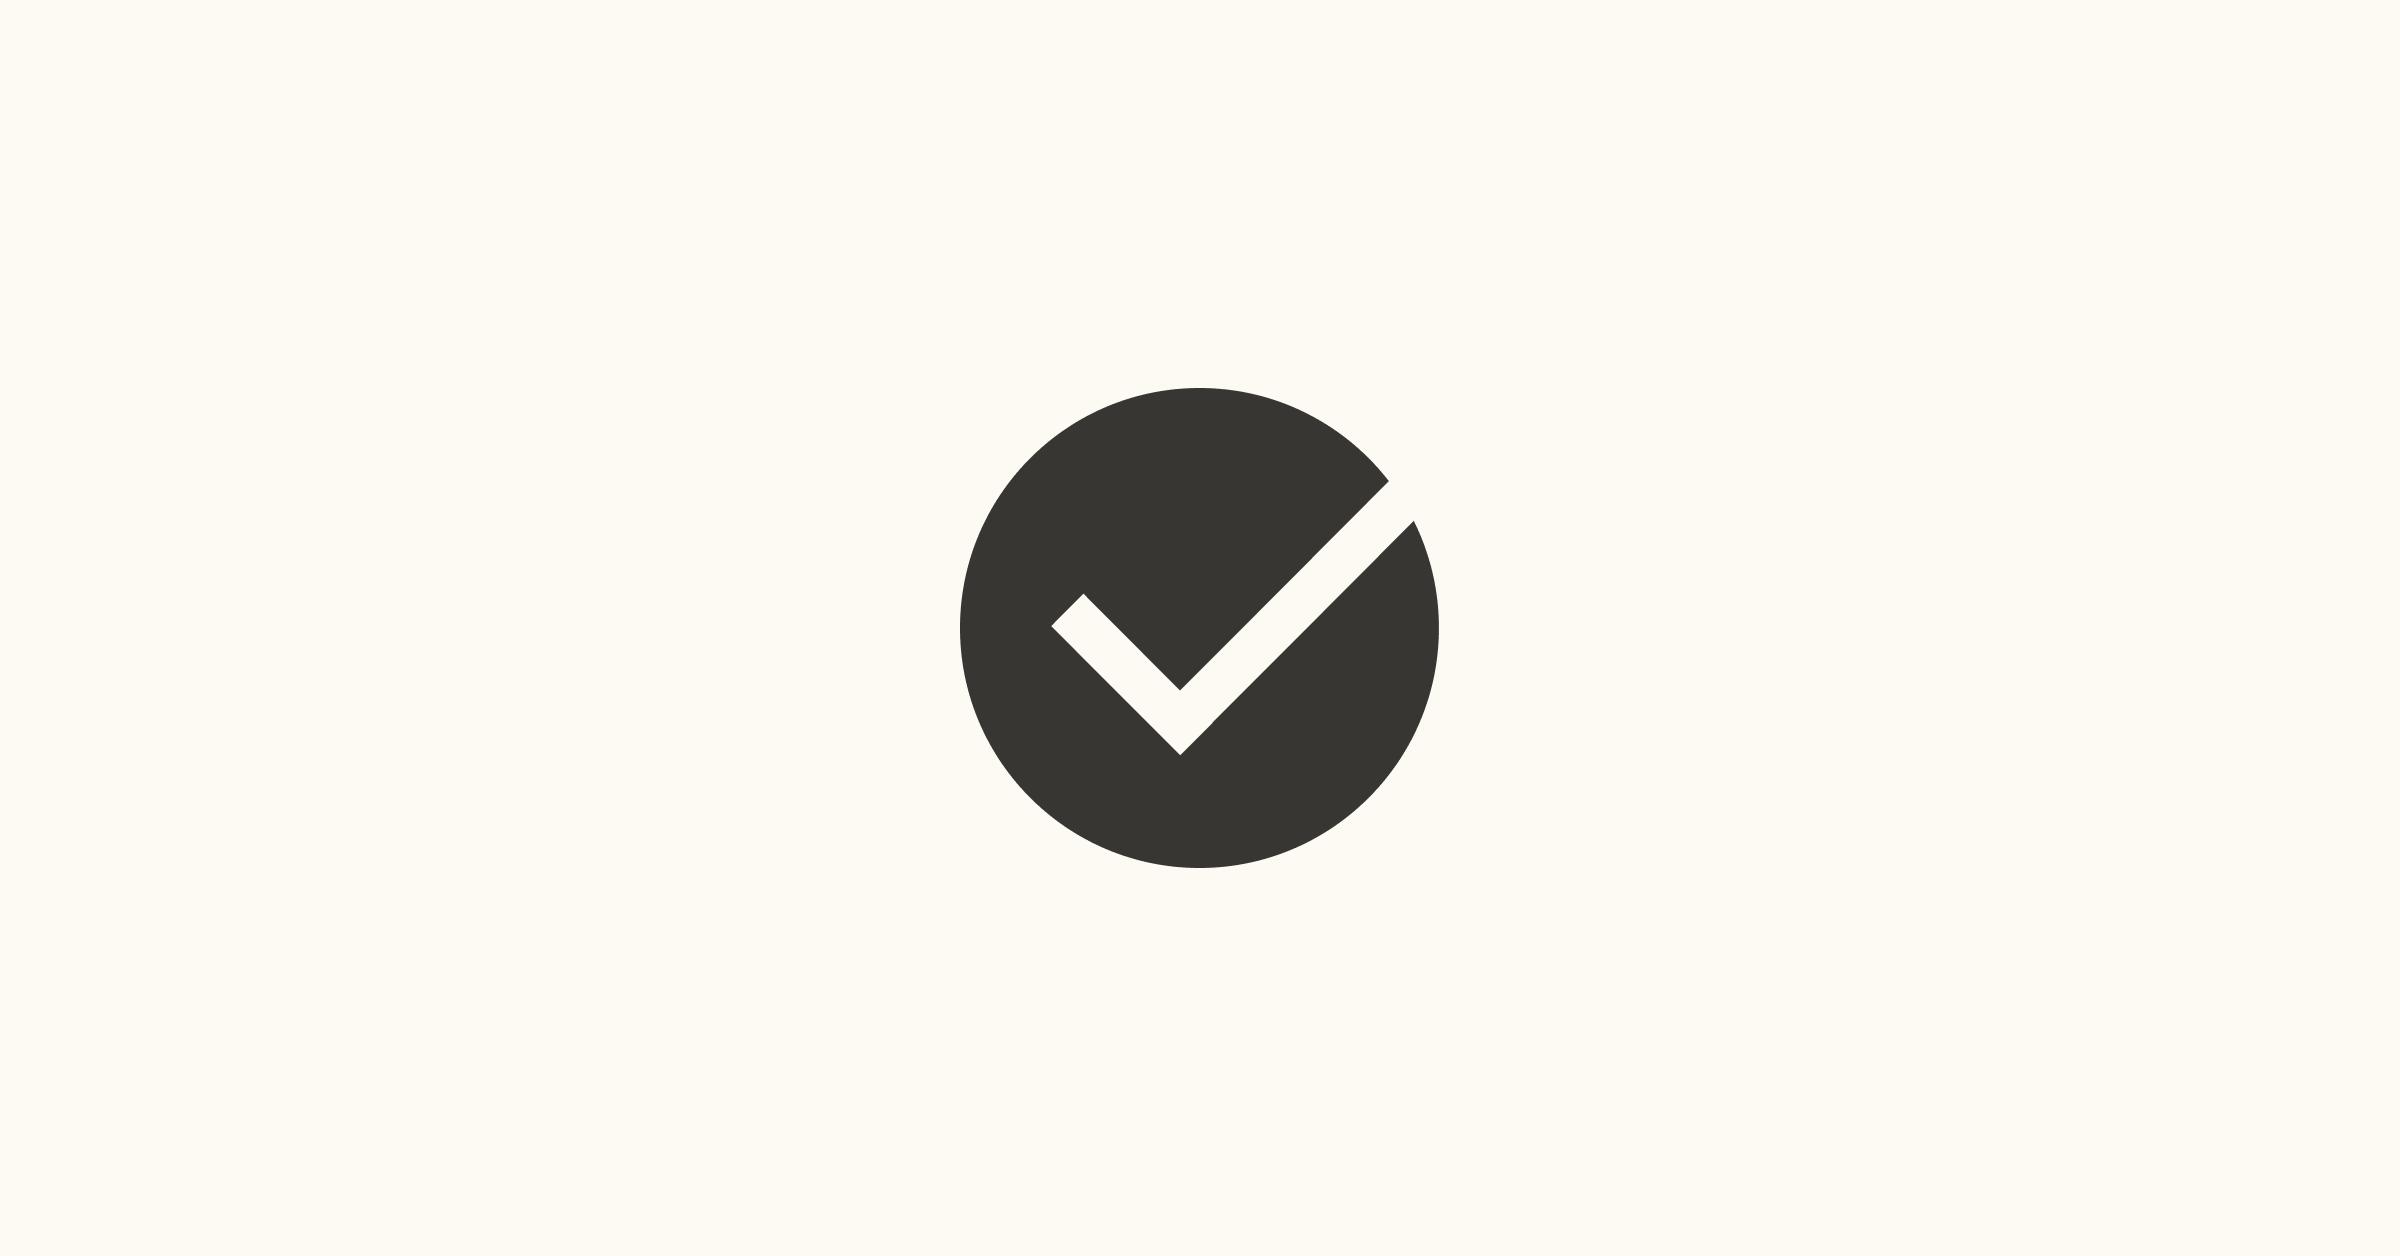 Chl.st logo for Beta